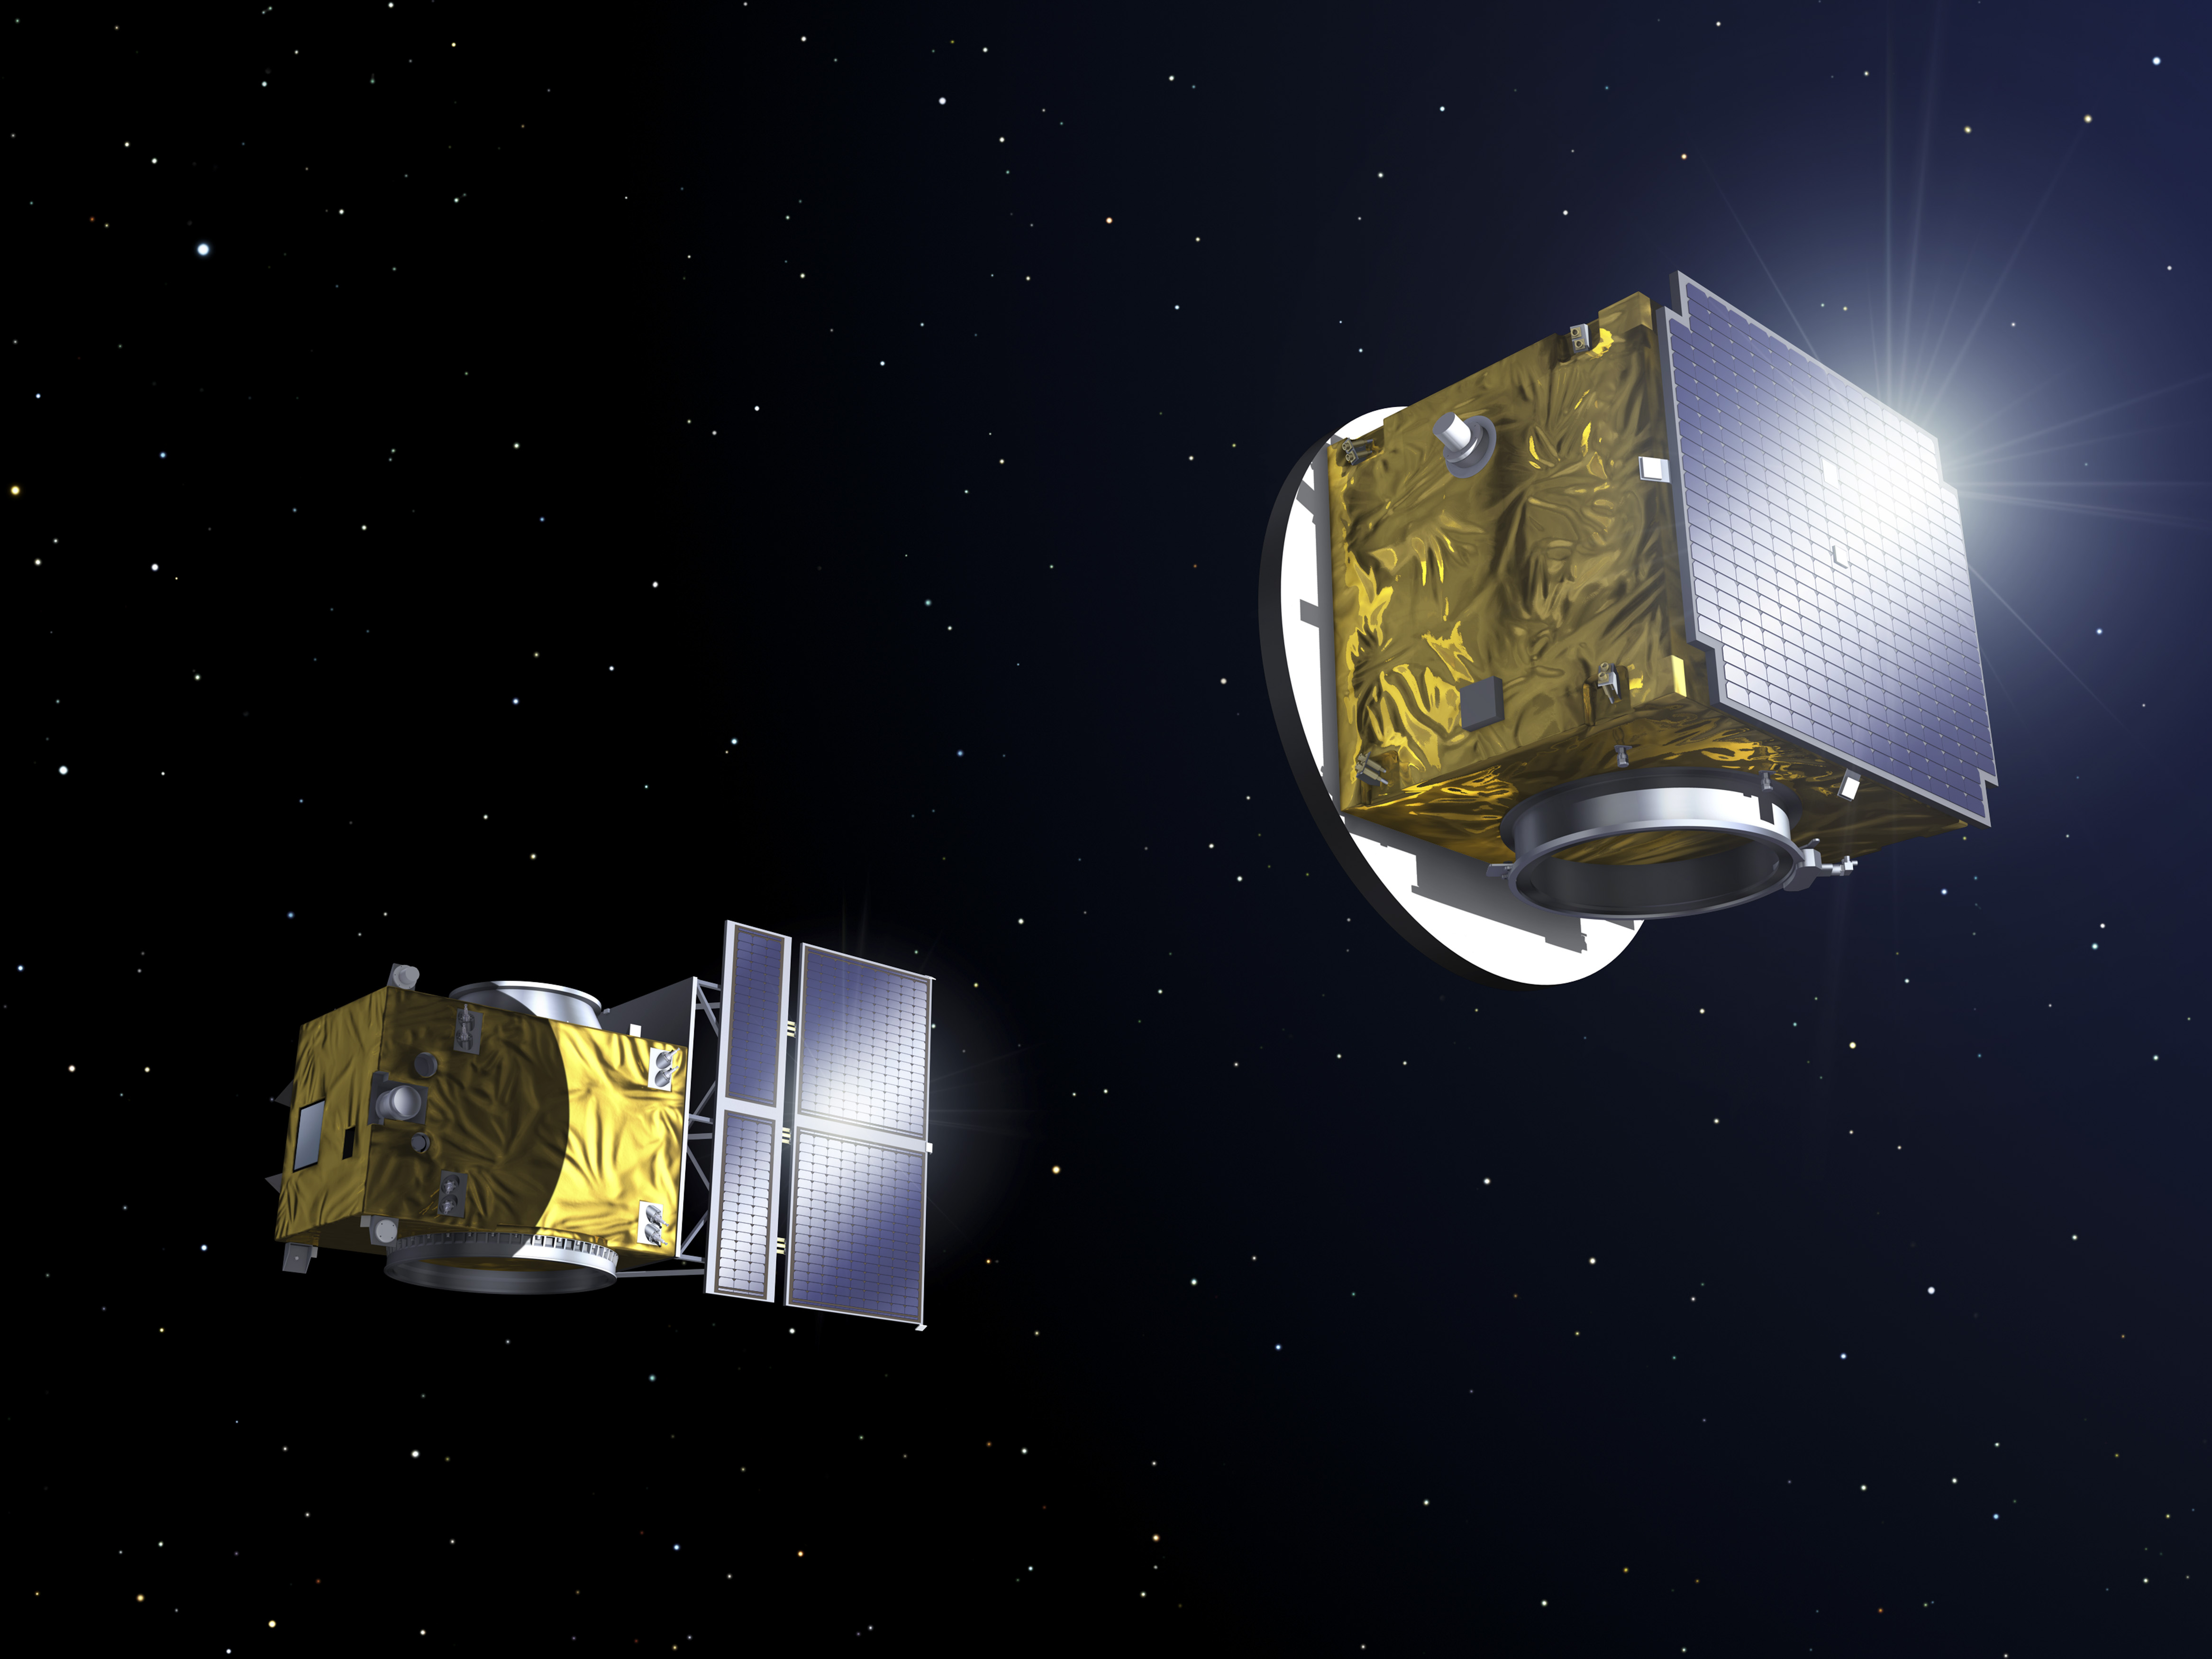 Dvě družice Proba-3 díky těsné spolupráci na oběžné dráze mají šanci otevřít úplně nový pohled na zdroj záření pocházející z největšího objektu ve Sluneční soustavě. Na sluneční atmosféru, která zasahuje milióny kilometru do vesmíru